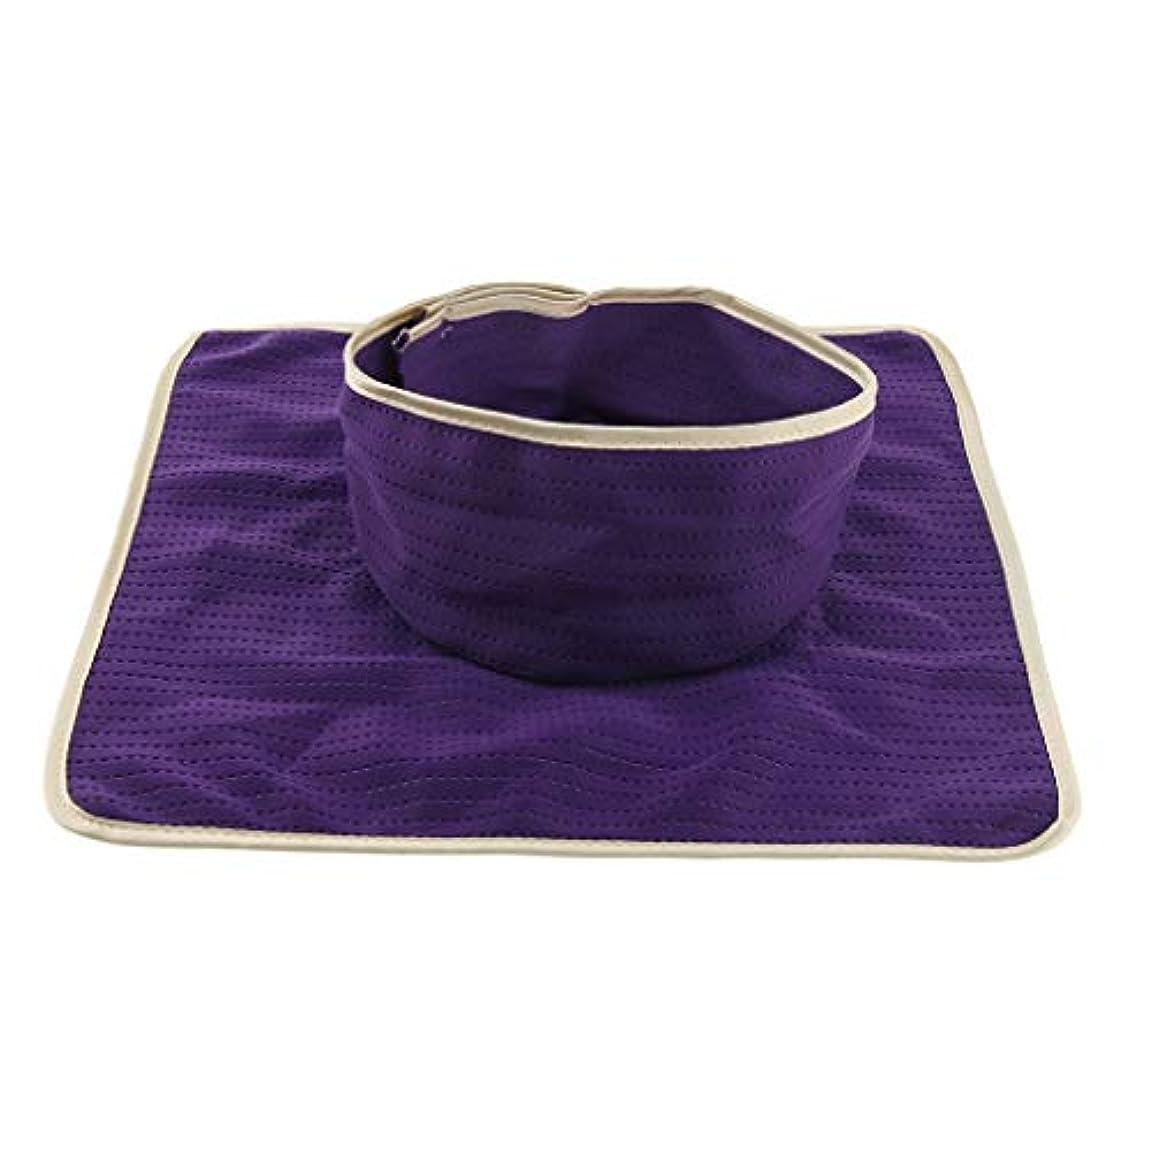 幻想劇的ビタミンマッサージのベッド用 パッド マットシート 顔の穴付き 洗える 約35×35cm 全3色 - 紫